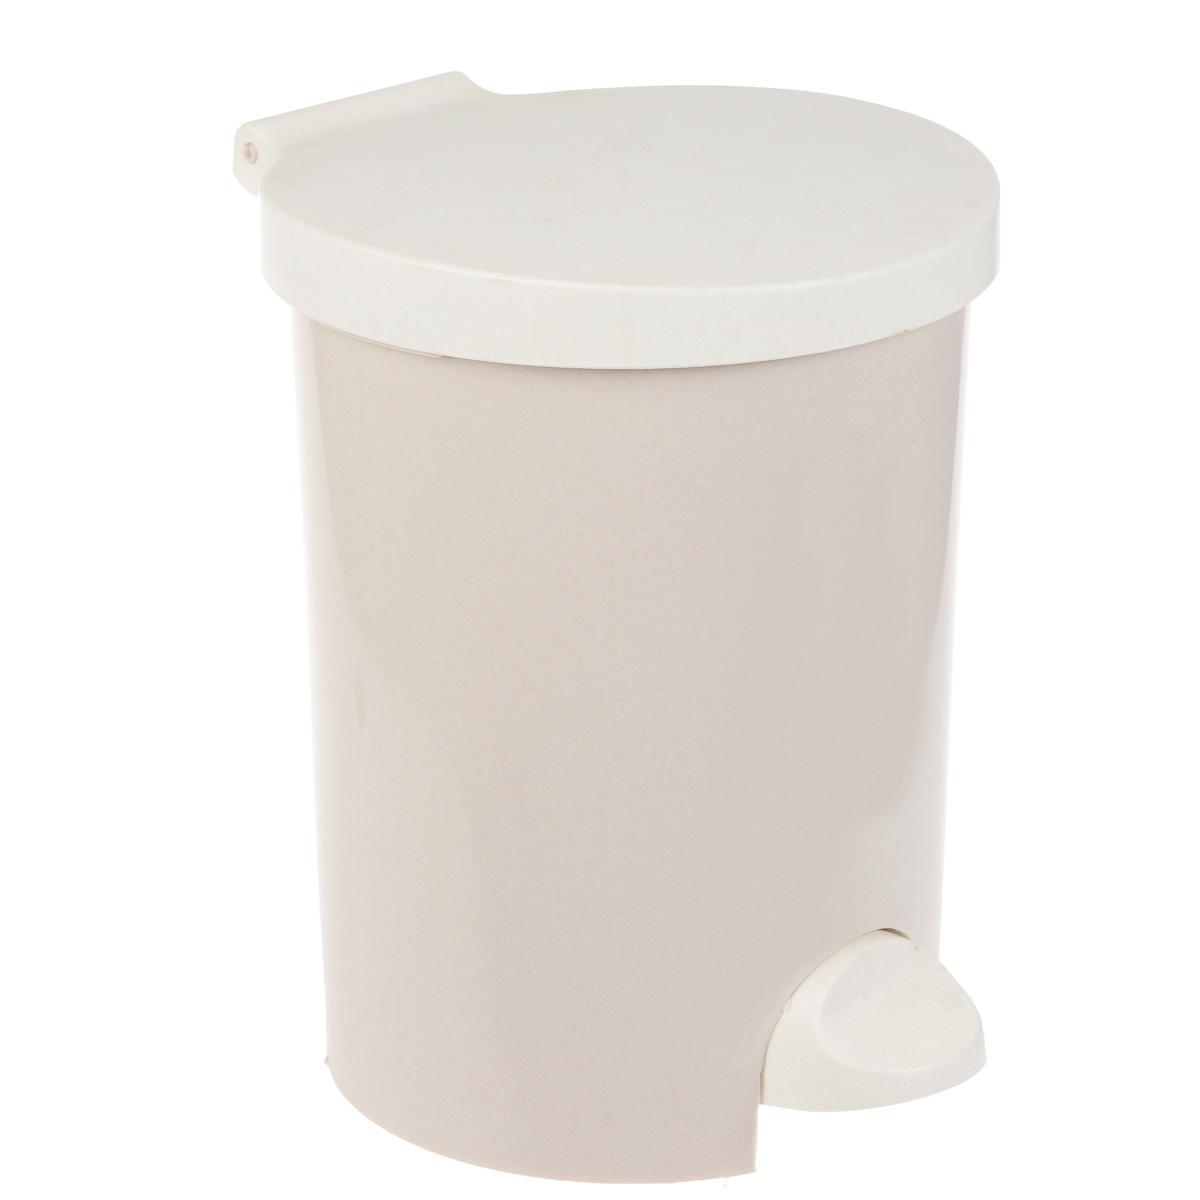 Контейнер для мусора Curver, с педалью, цвет: бежевый, 15 л4011_бежевый люксКонтейнер для мусора Curver изготовлен из высококачественного пластика. Контейнер оснащен педалью, с помощью которой можно открыть крышку. Закрывается крышка бесшумно, плотно прилегает, предотвращая распространение запаха. Бороться с мелким мусором станет легко. Внутри ведро с ручкой, которое при необходимости можно достать из контейнера. Благодаря лаконичному дизайну такой контейнер идеально впишется в интерьер и дома, и офиса.